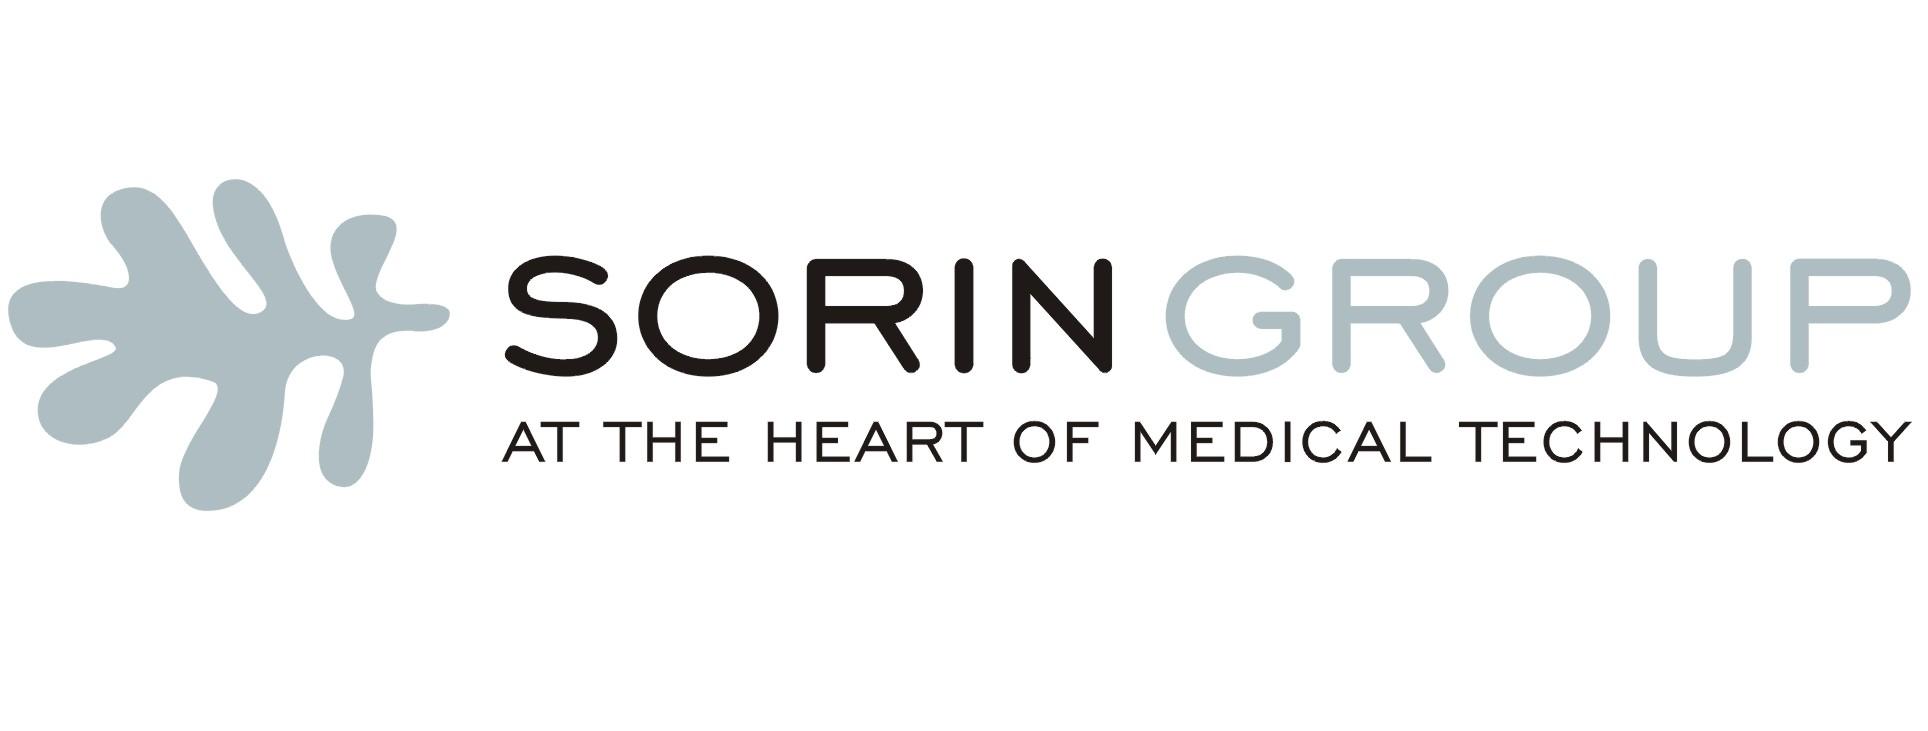 La fusione tra Sorin e Cyberonics è più vicina, cosa cambia per gli azionisti